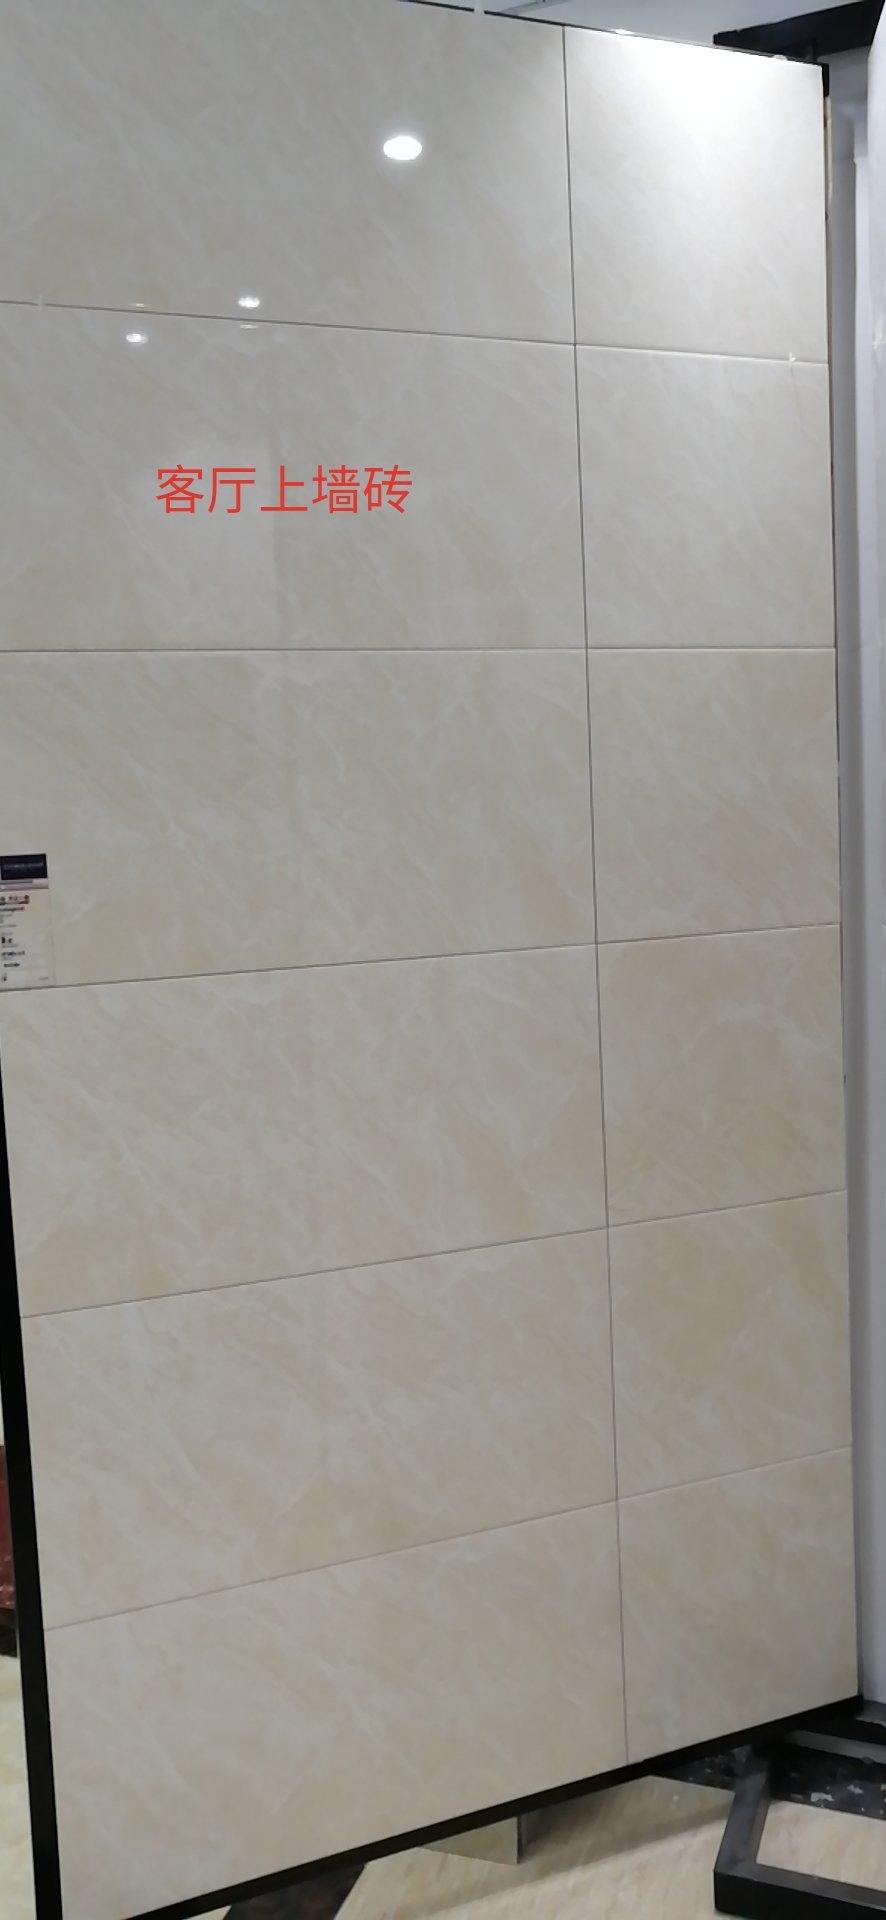 淡米黄色的墙砖配什么颜色的背景墙好看一点